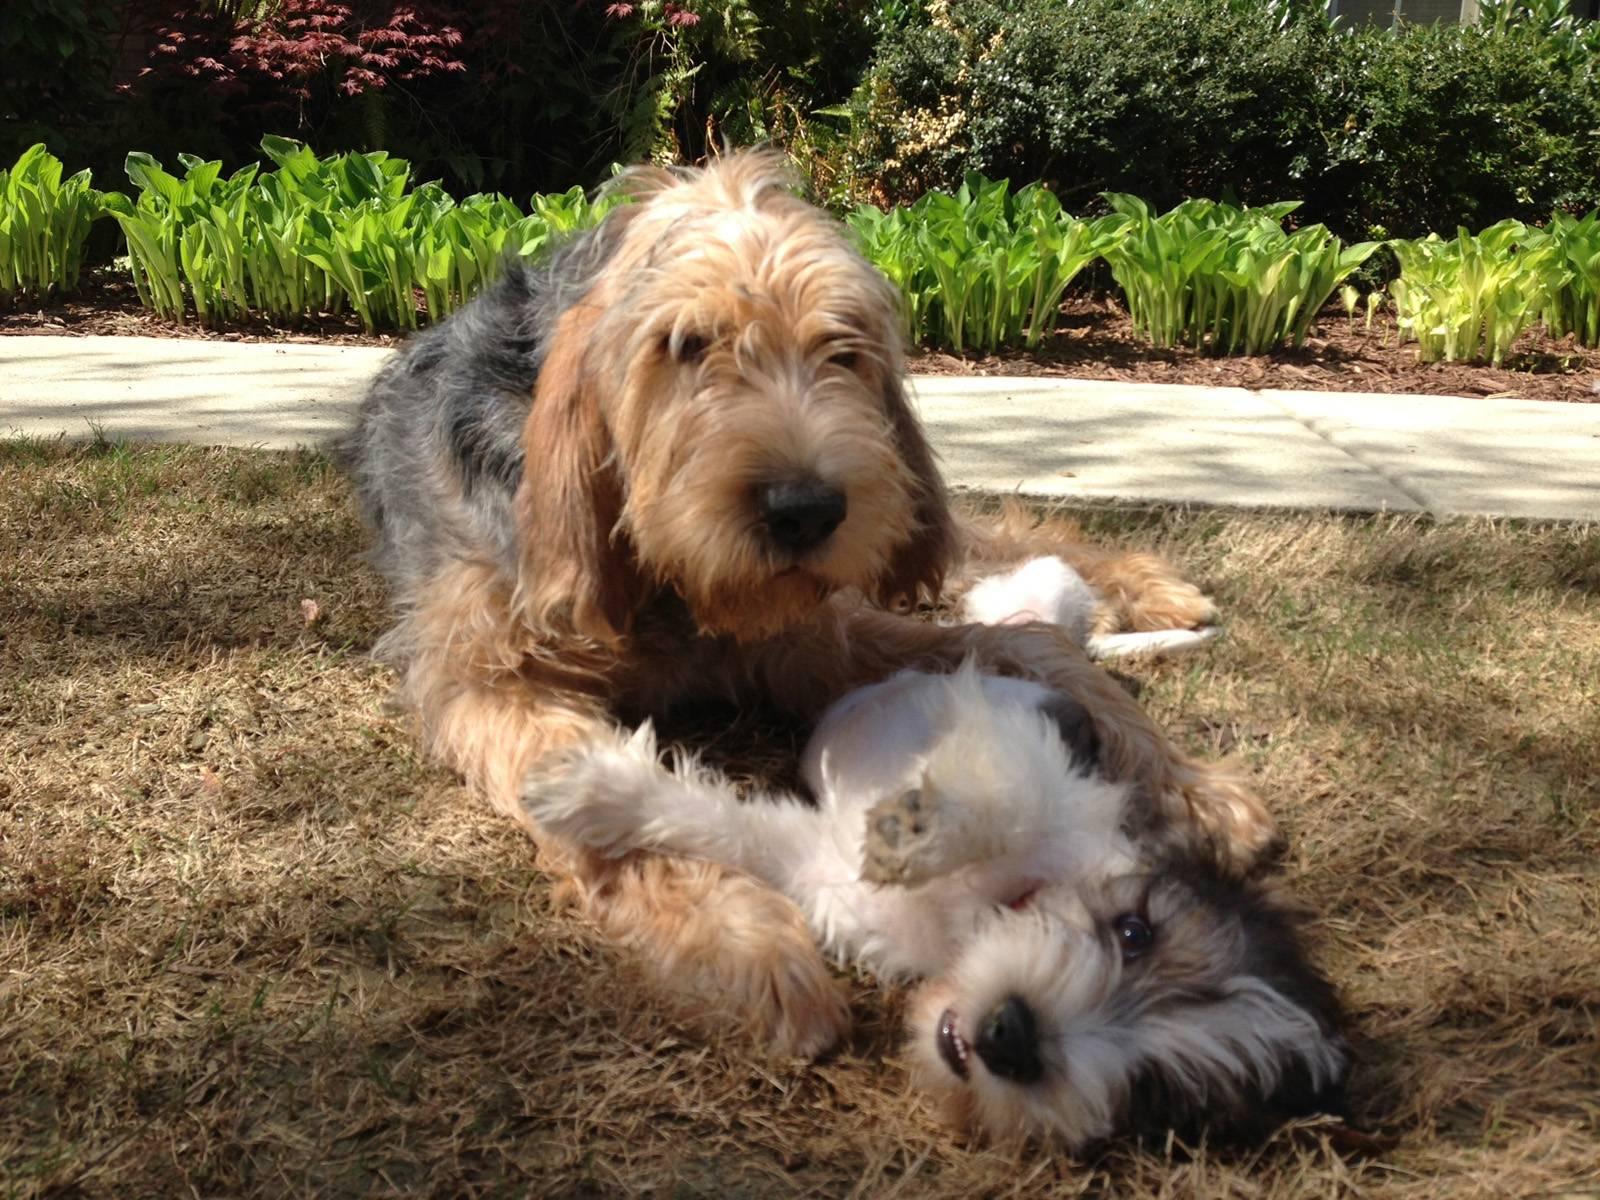 Бладхаунд: все о собаке, фото, описание породы, характер, цена